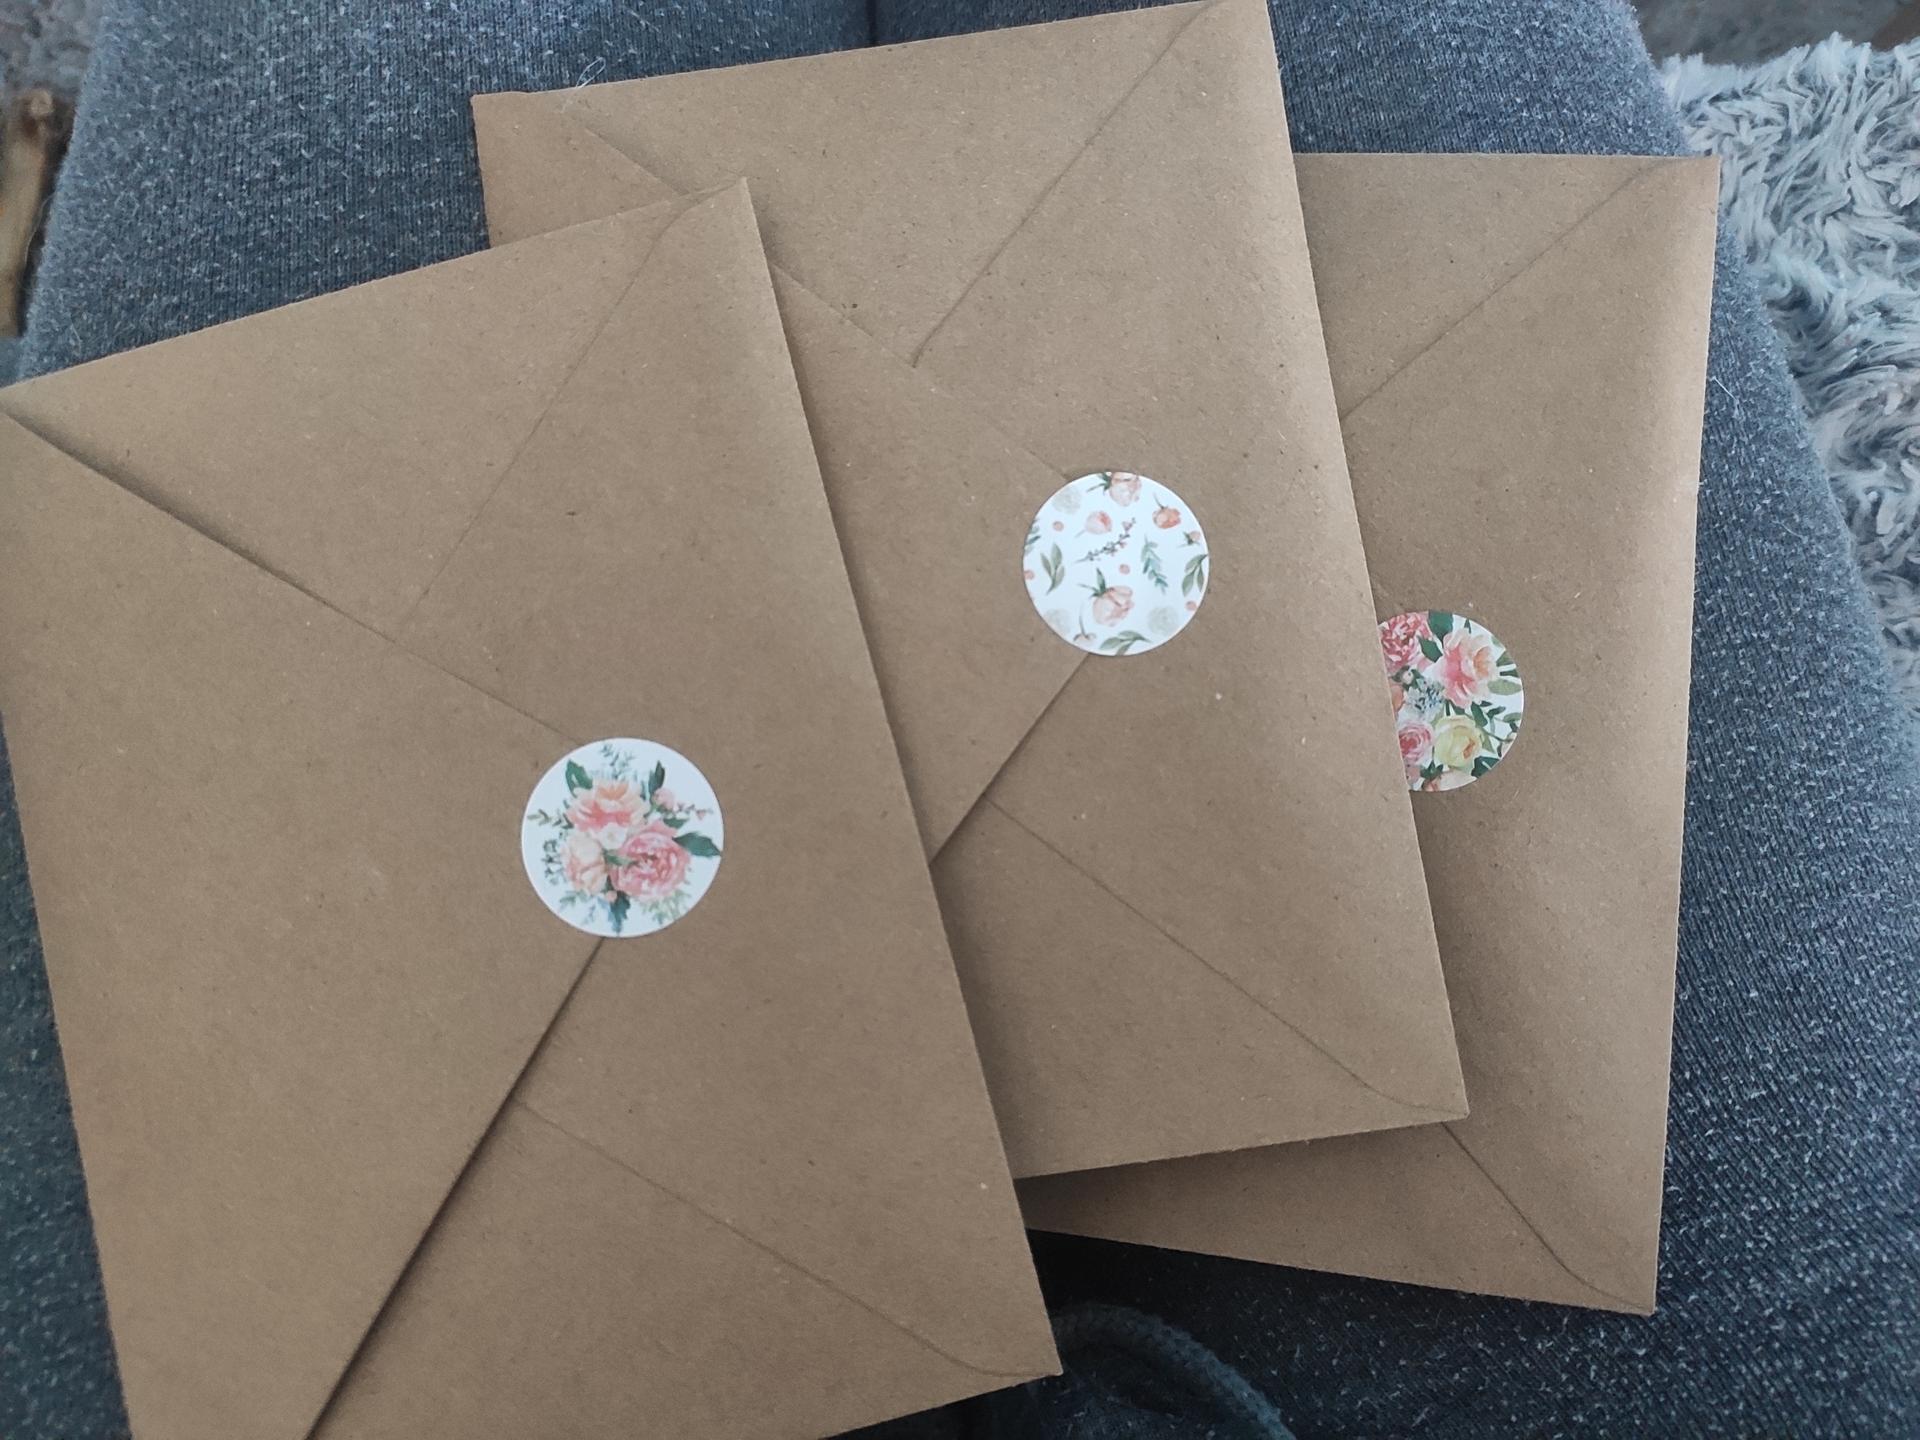 Svatební přípravy - První tři oznámení už v obálce 😊 Nálepky jsem koupila na Aliexpressu a líbí se mi, že bude mít každá obálka jinou